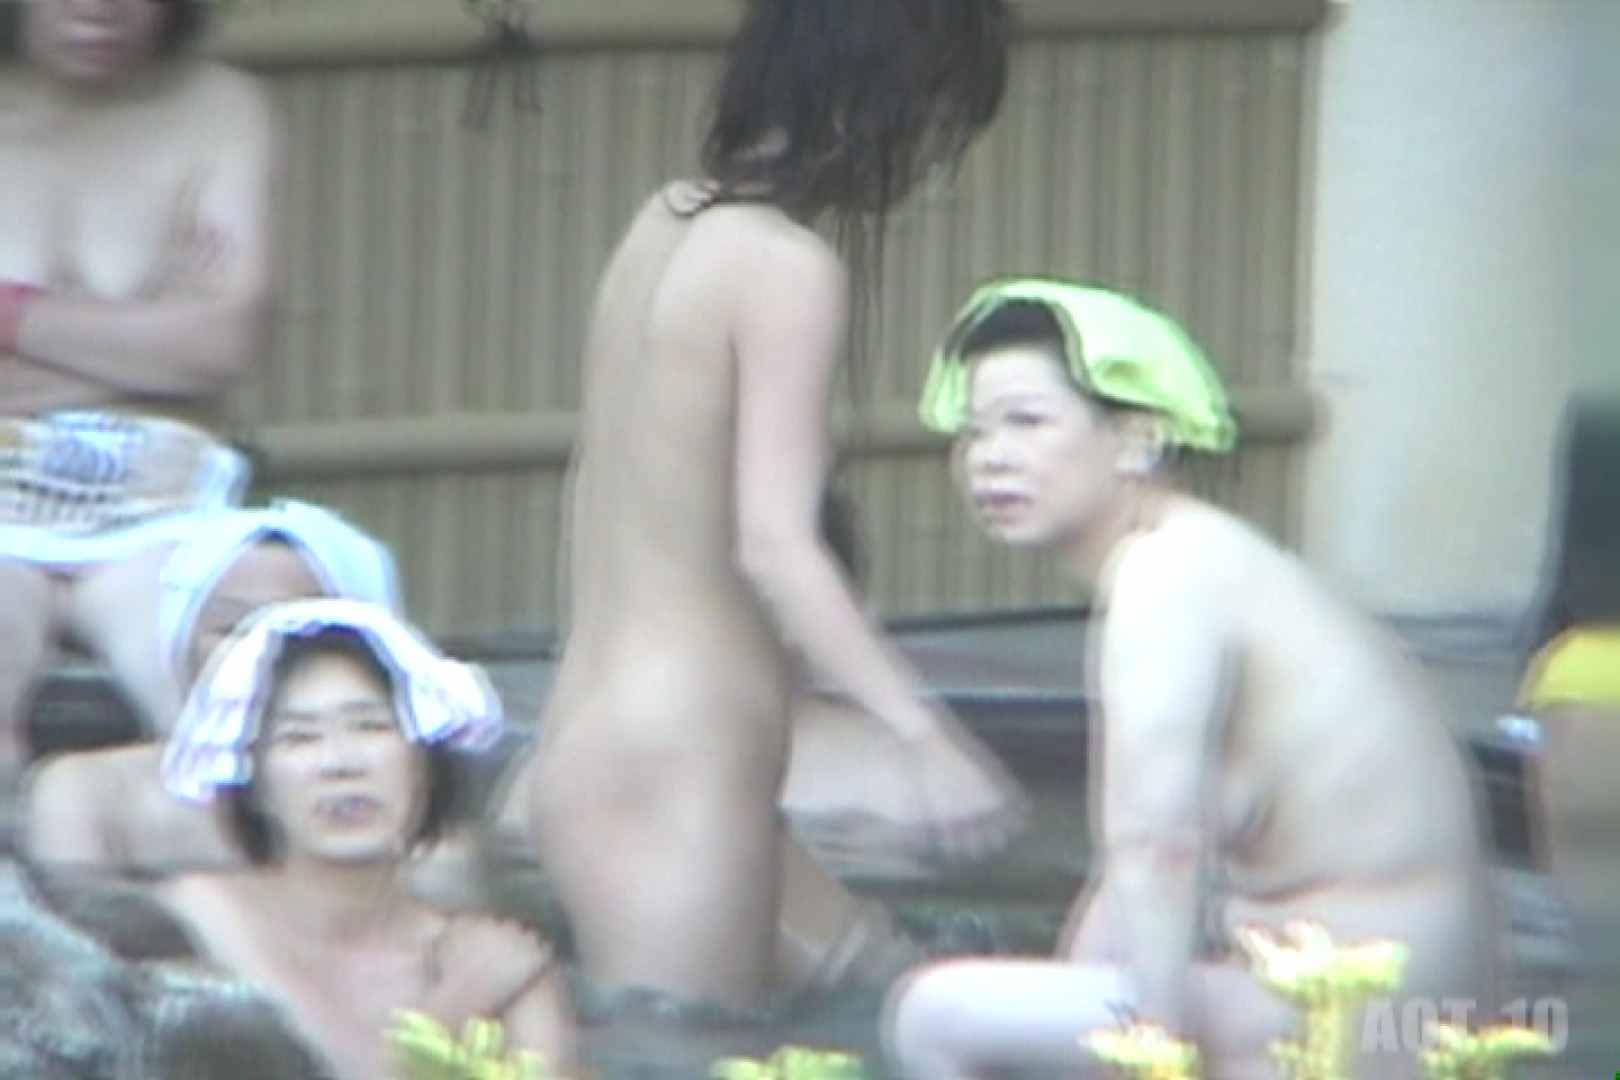 Aquaな露天風呂Vol.790 美しいOLの裸体 オメコ無修正動画無料 89pic 8